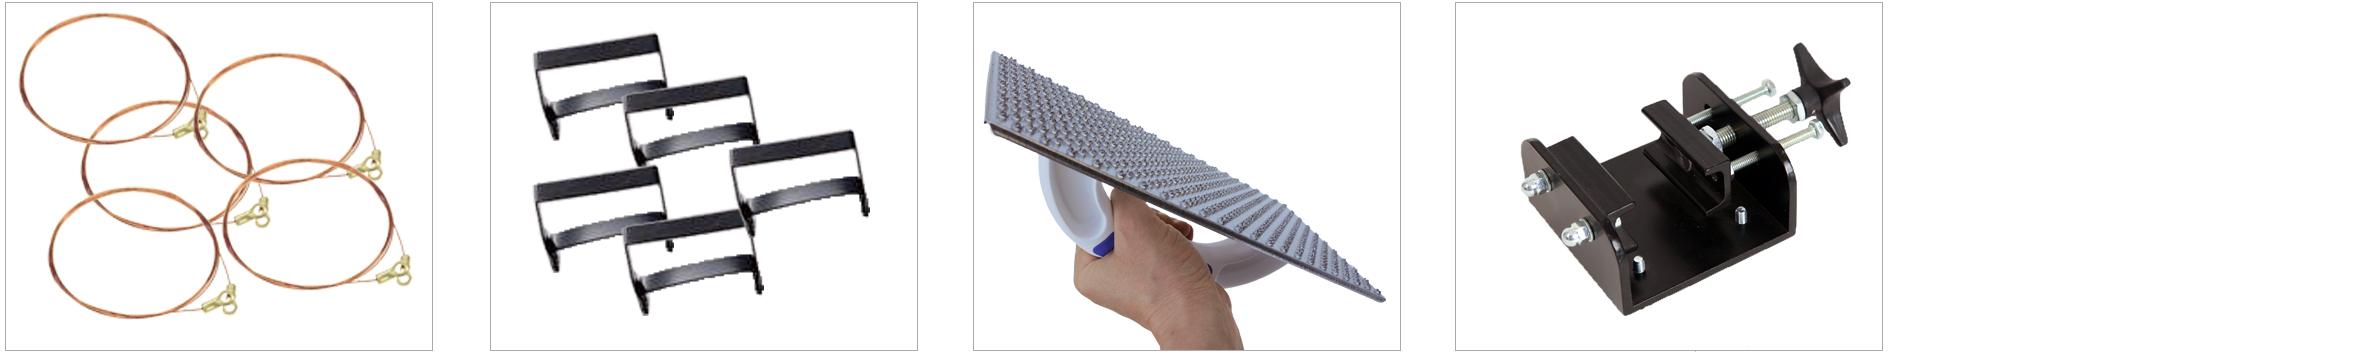 styroporschneider easycutter 2012 xxl schnittl ger sthalterung ebay. Black Bedroom Furniture Sets. Home Design Ideas